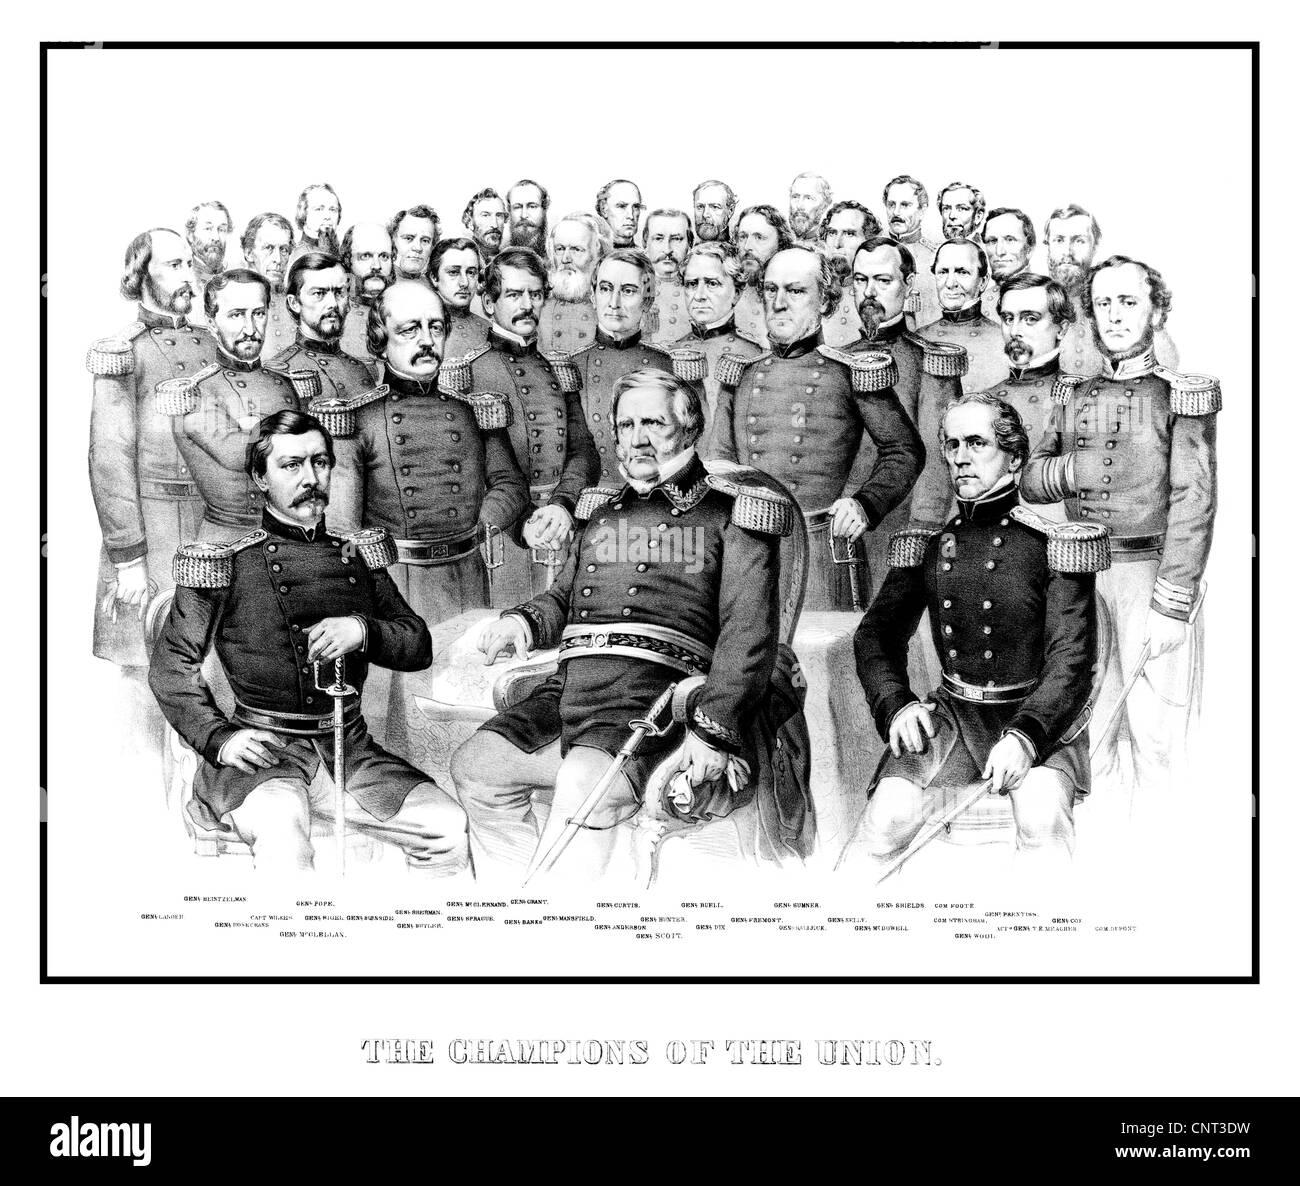 Guerra Civil Americana Vintage imprimir con un retrato de grupo de los principios generales de la guerra europea. Imagen De Stock